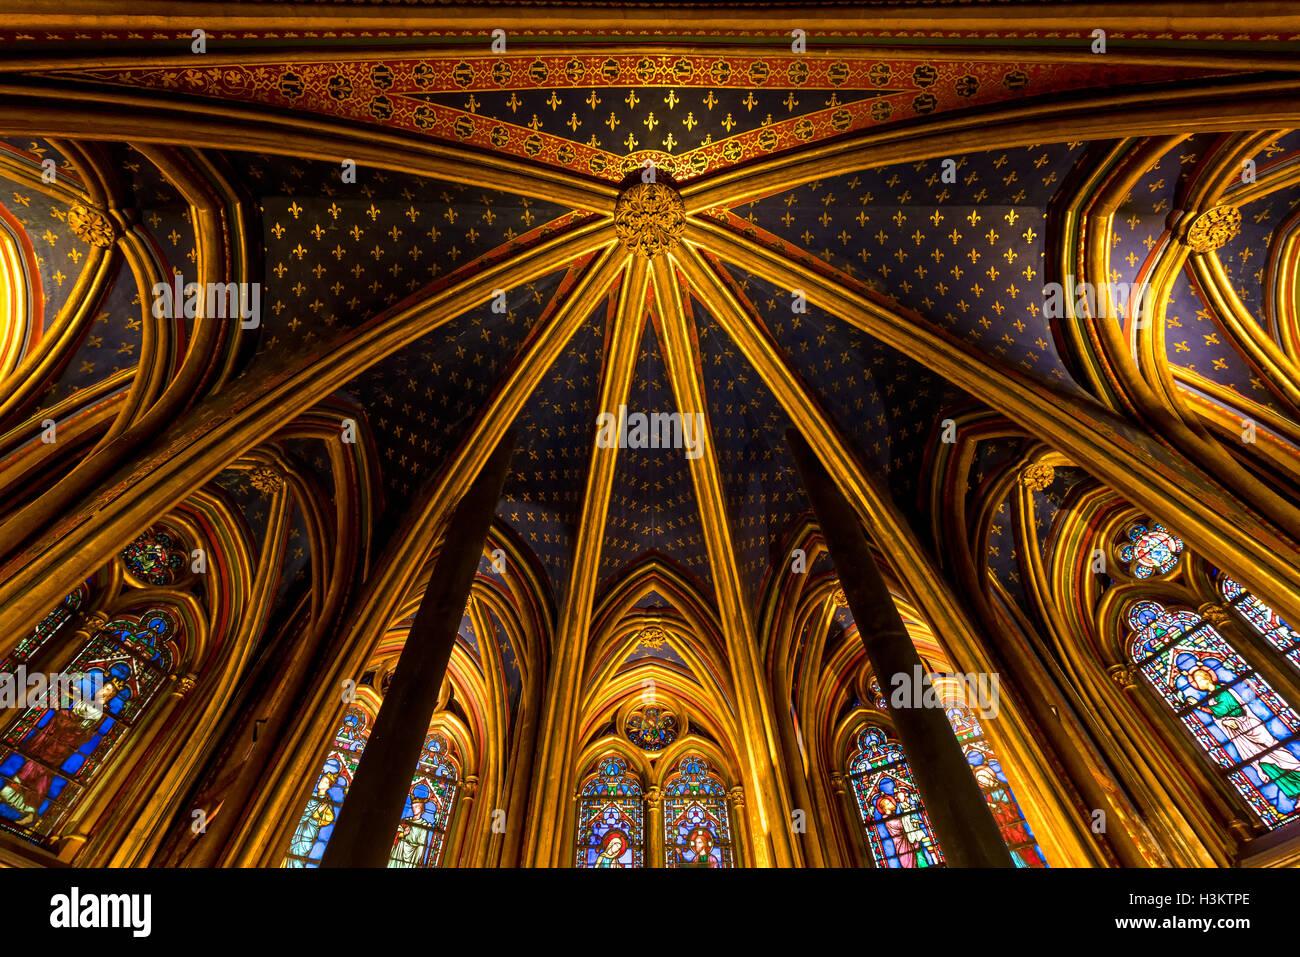 Rayonnant gotisch gewölbten Decke der unteren Kapelle Sainte Chapelle, Ile De La Cite, Paris, Frankreich Stockbild